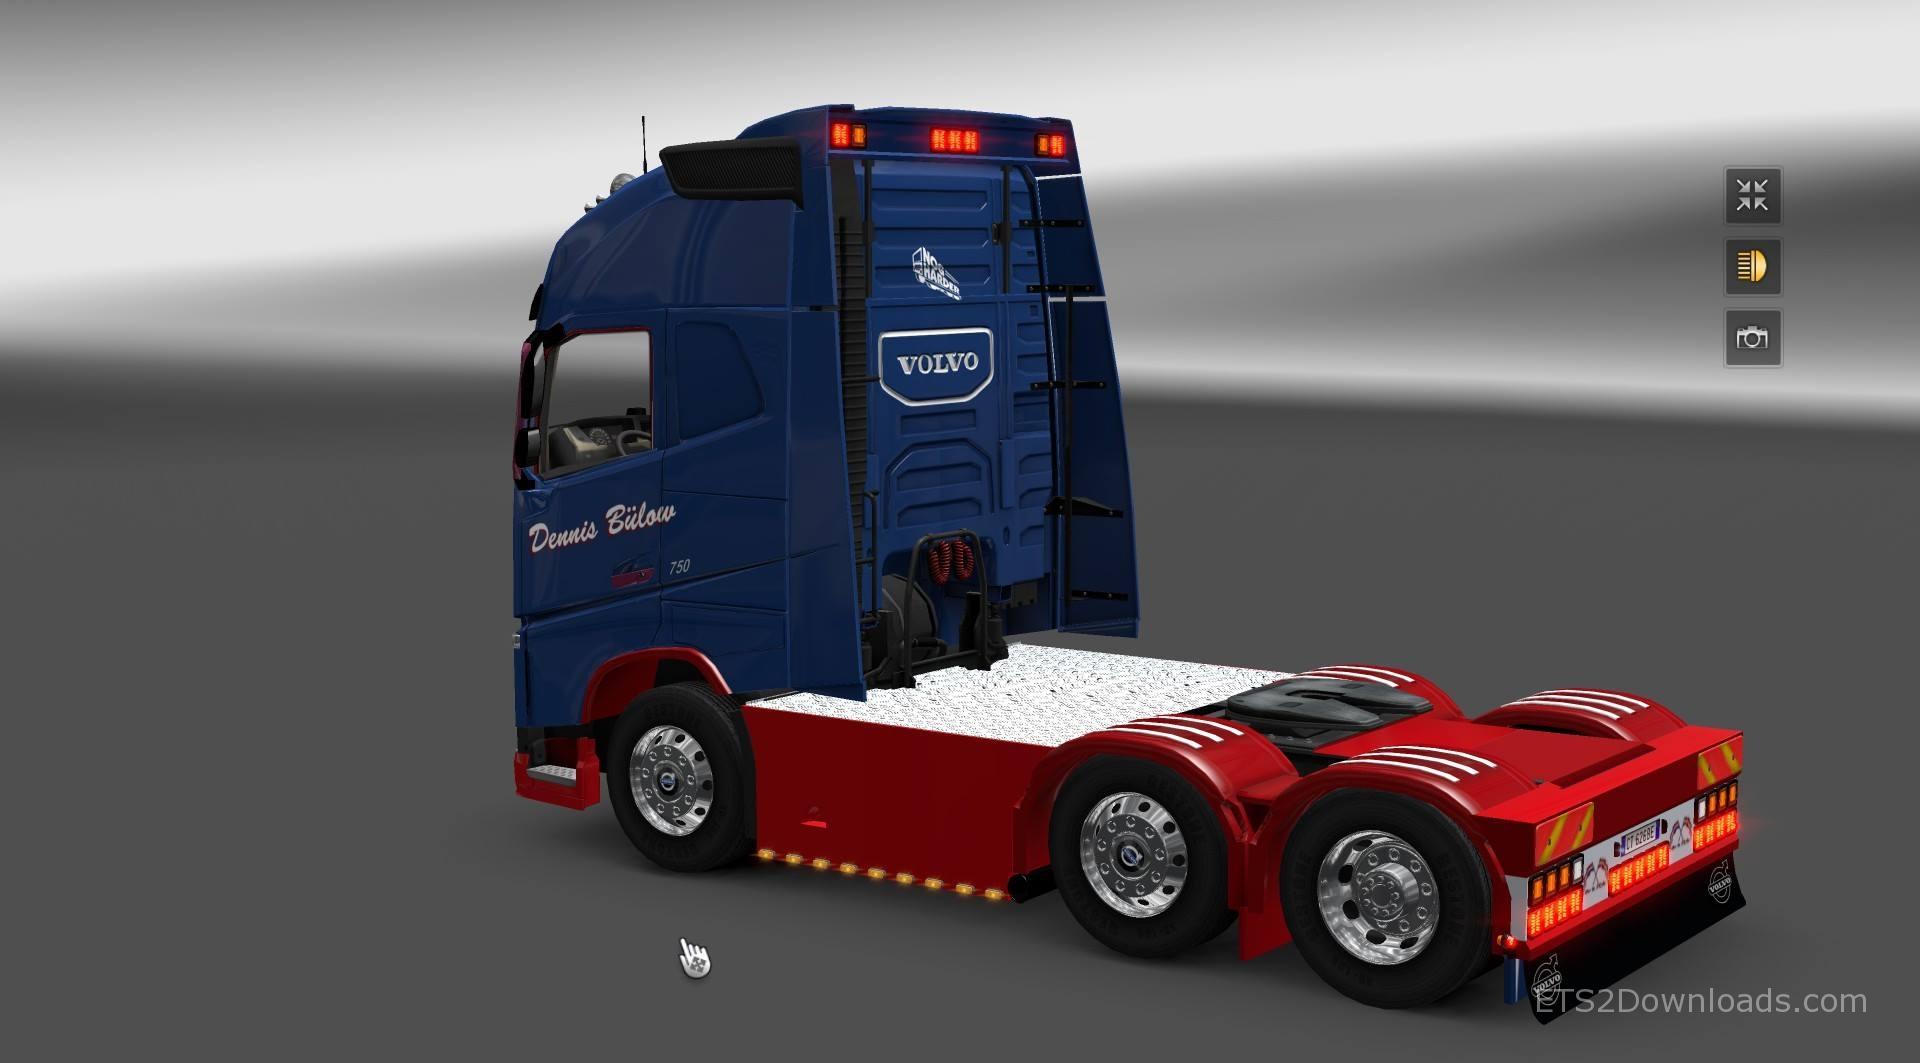 danish-volvo-truck-show-2